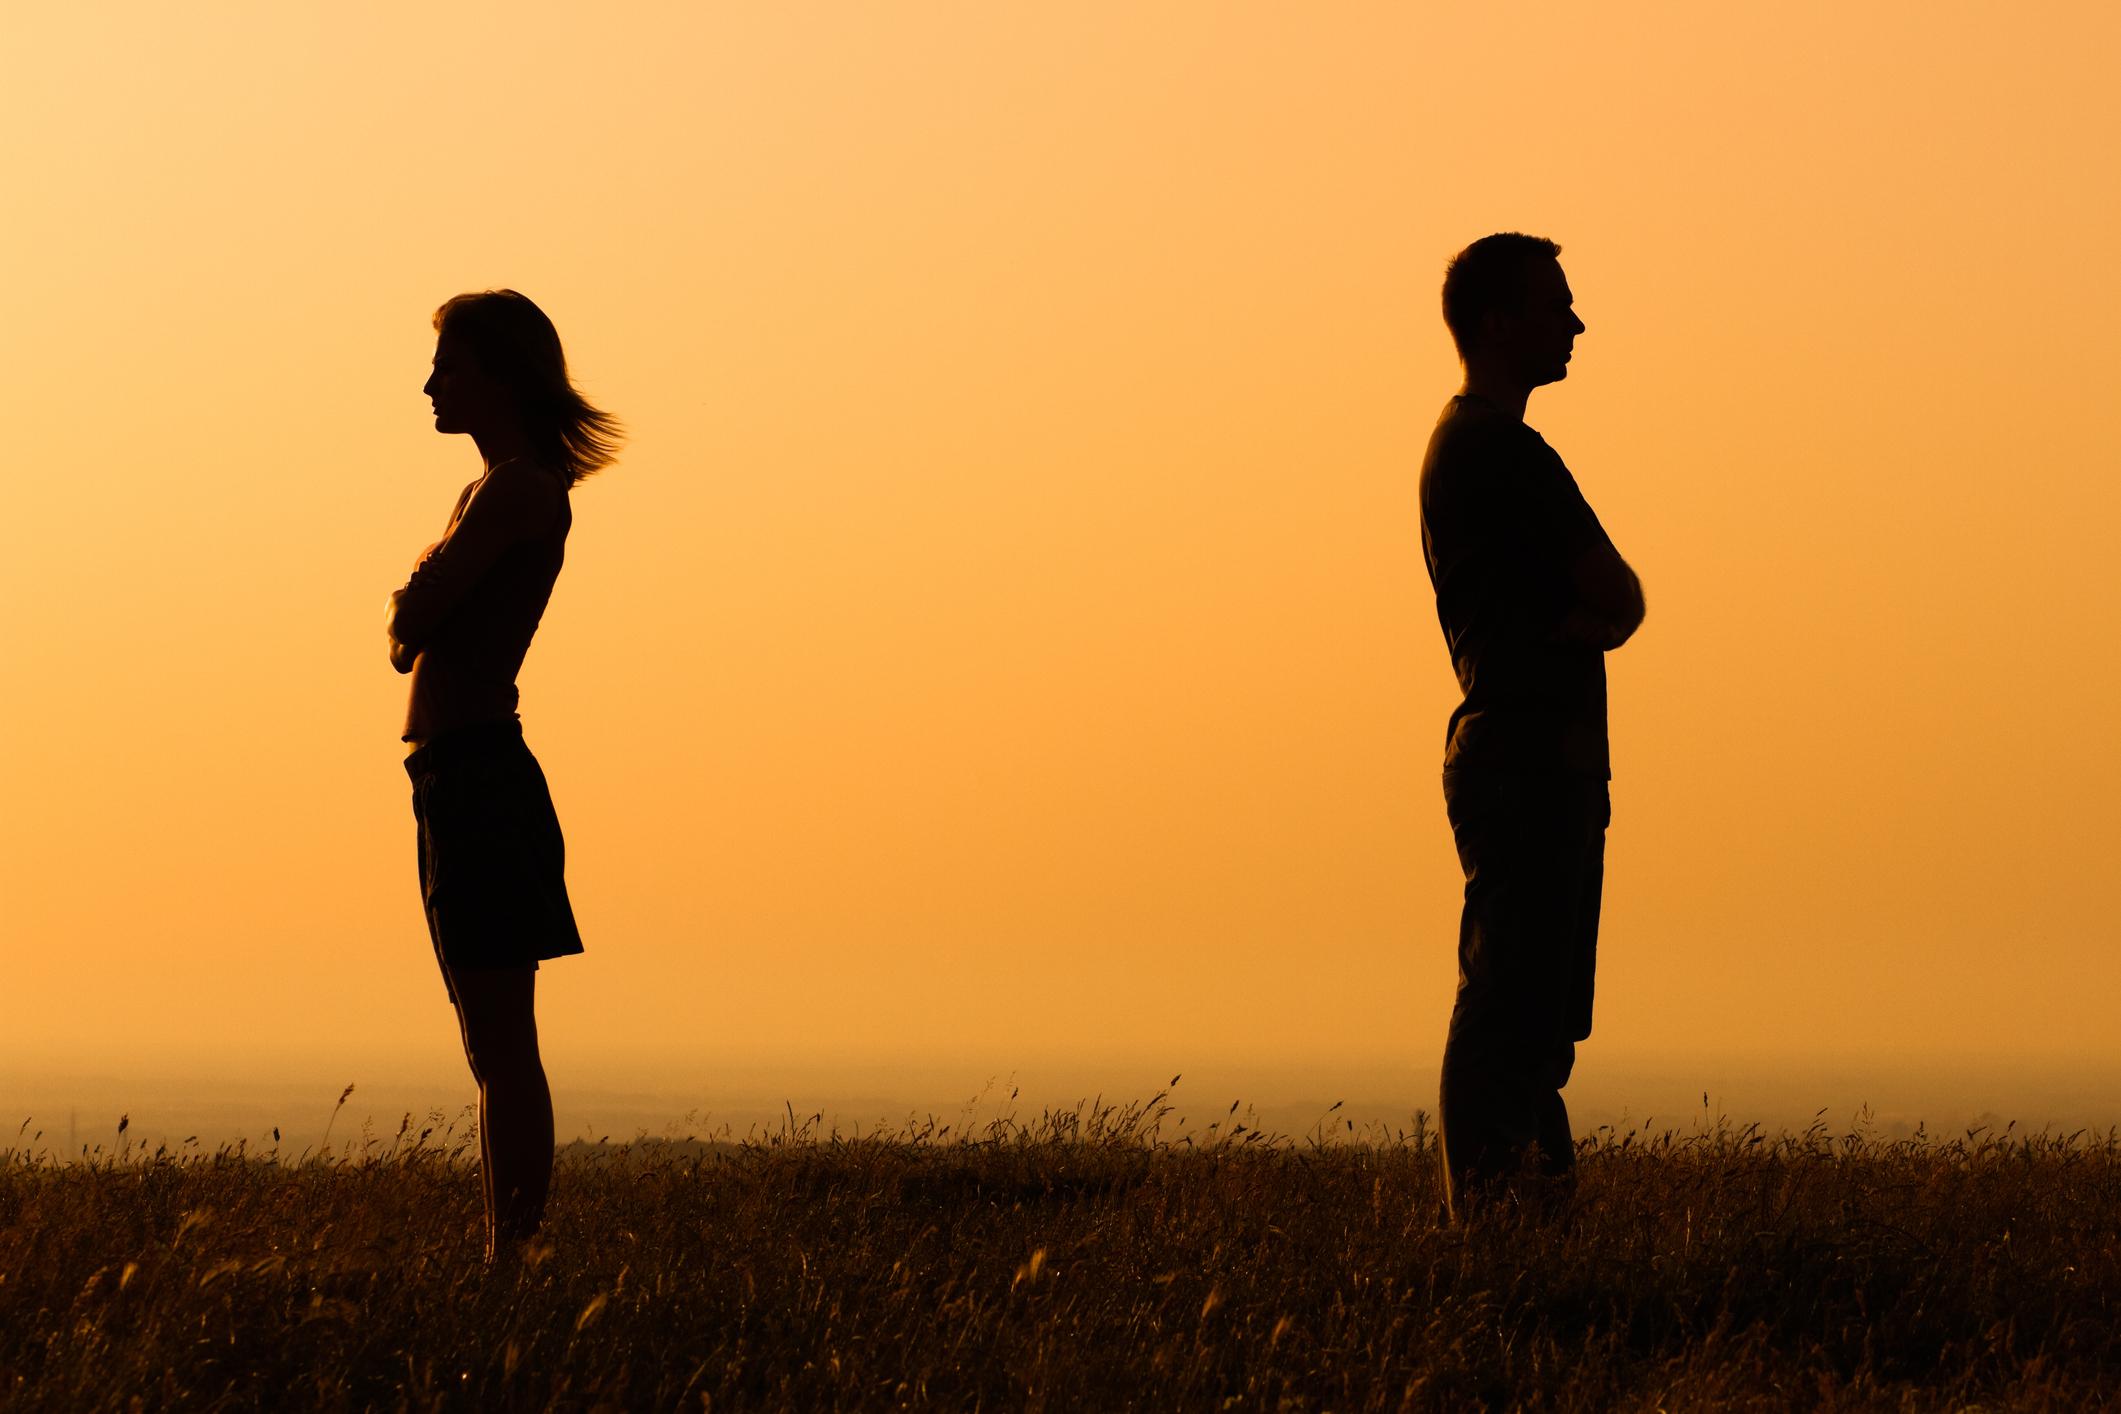 Utroskab skaber altid problemer i parforholdet